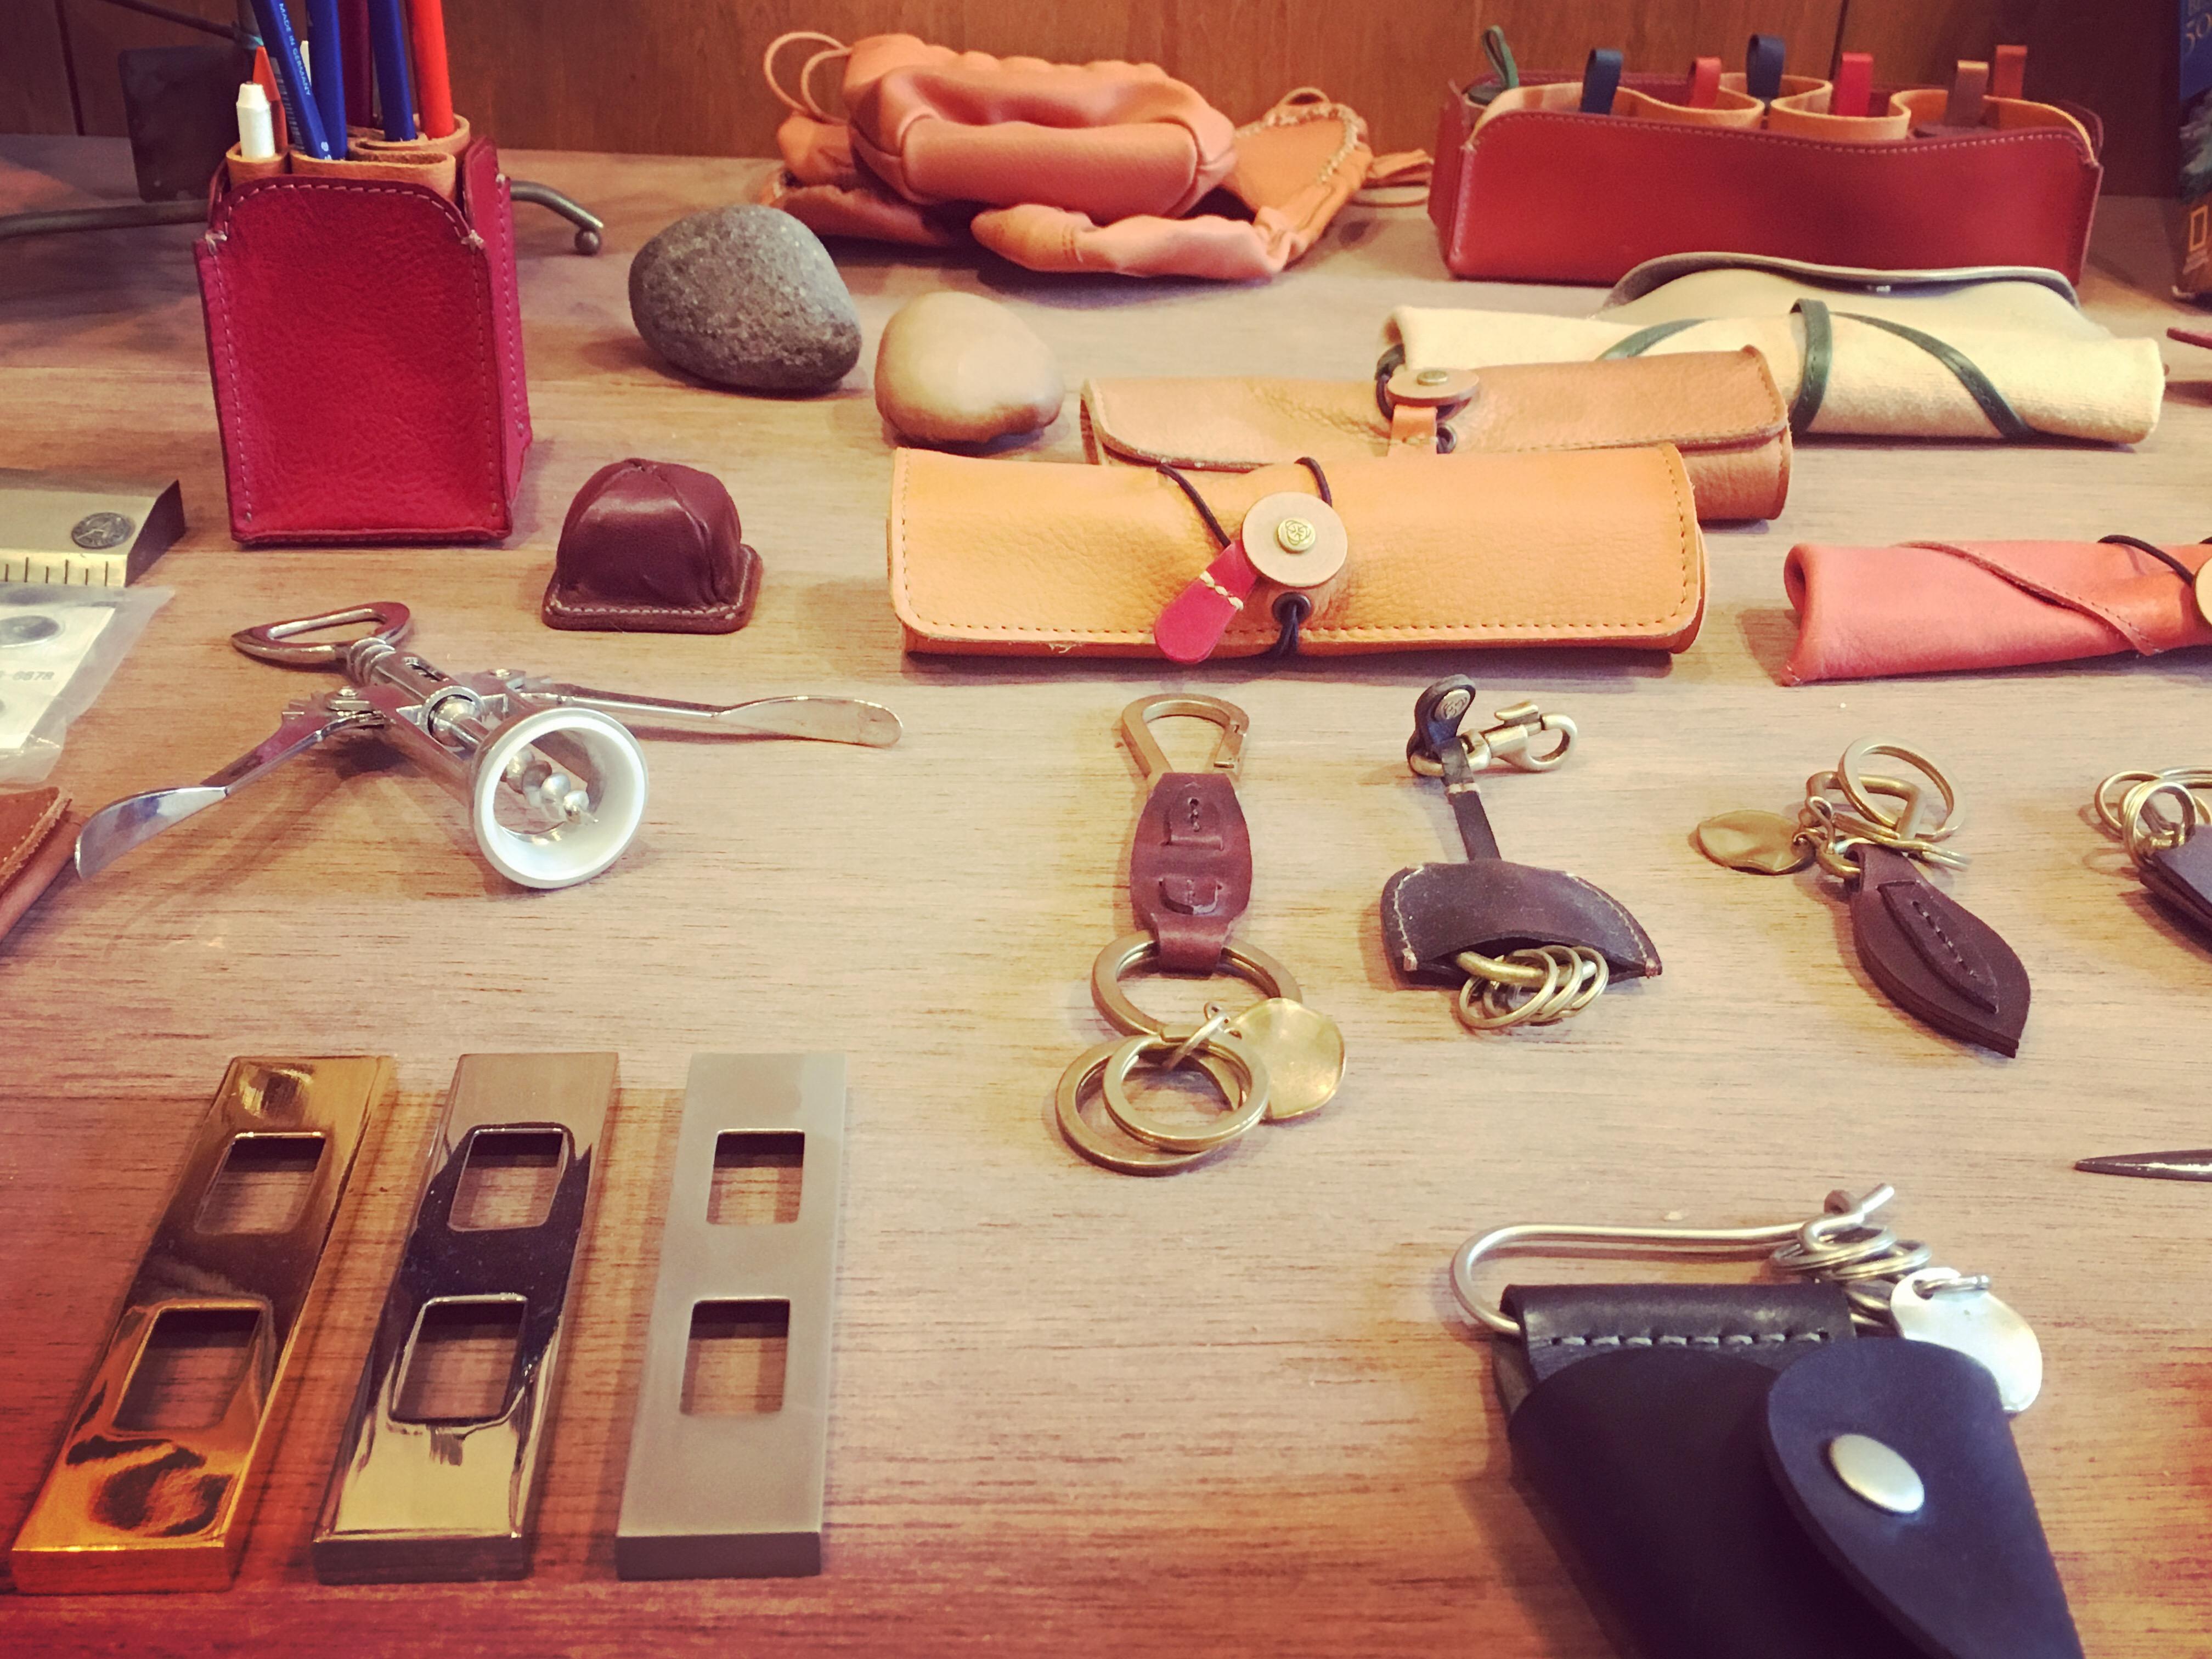 メタルハウスのアトリエ兼ショールームには、今まで製作したオリジナル金具やアクセサリー、そして革小物や金属小物がコレクションとして展示してあります。